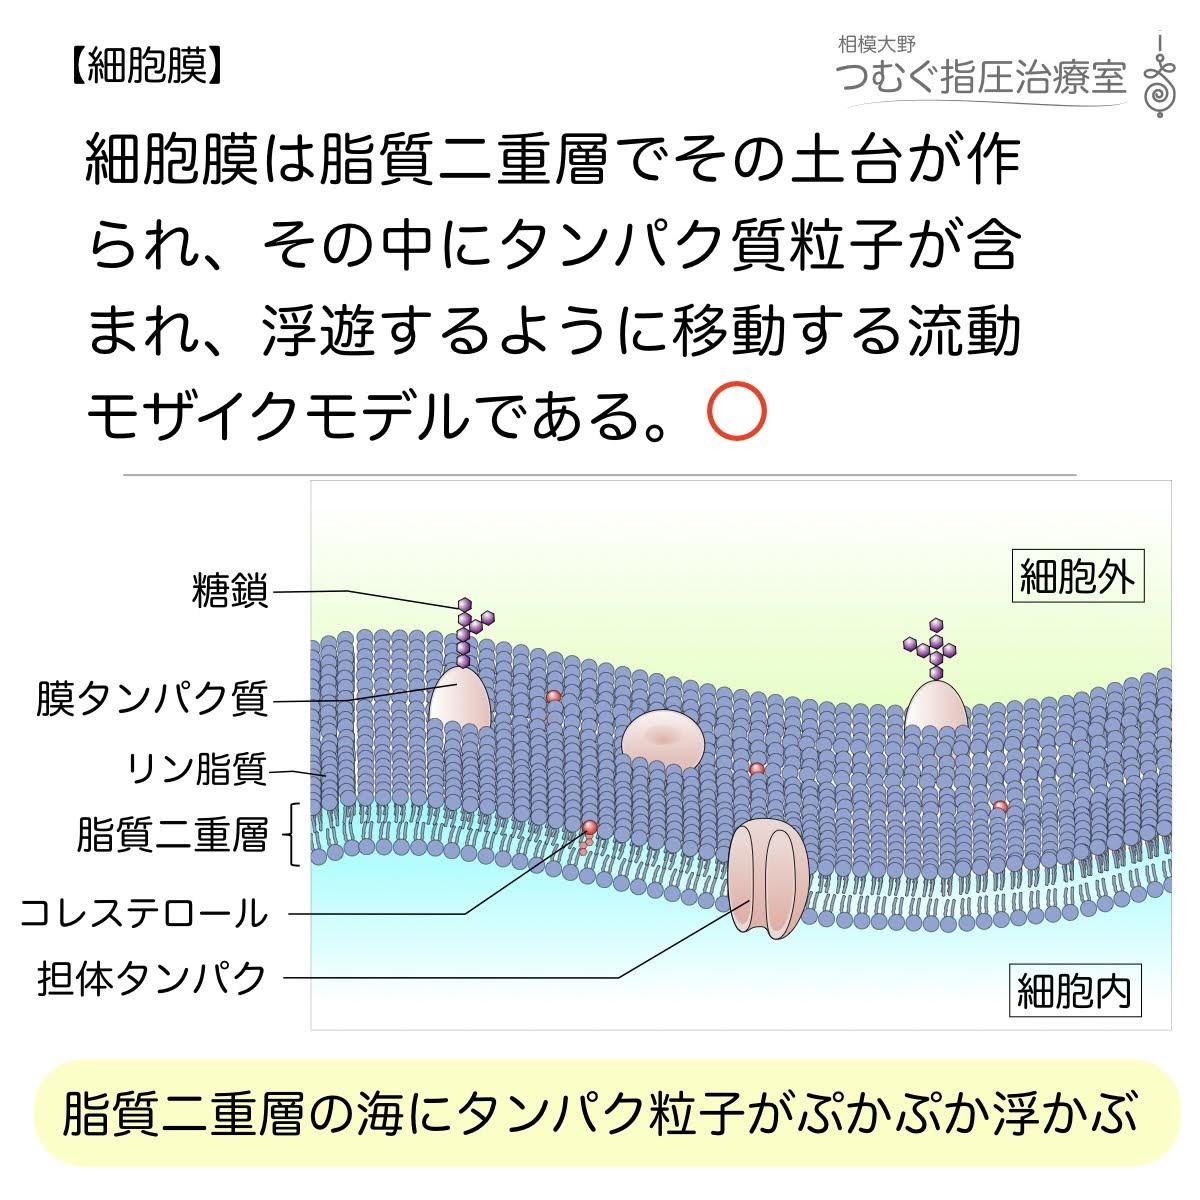 細胞膜は脂質二重層の流動モザイクモデルである